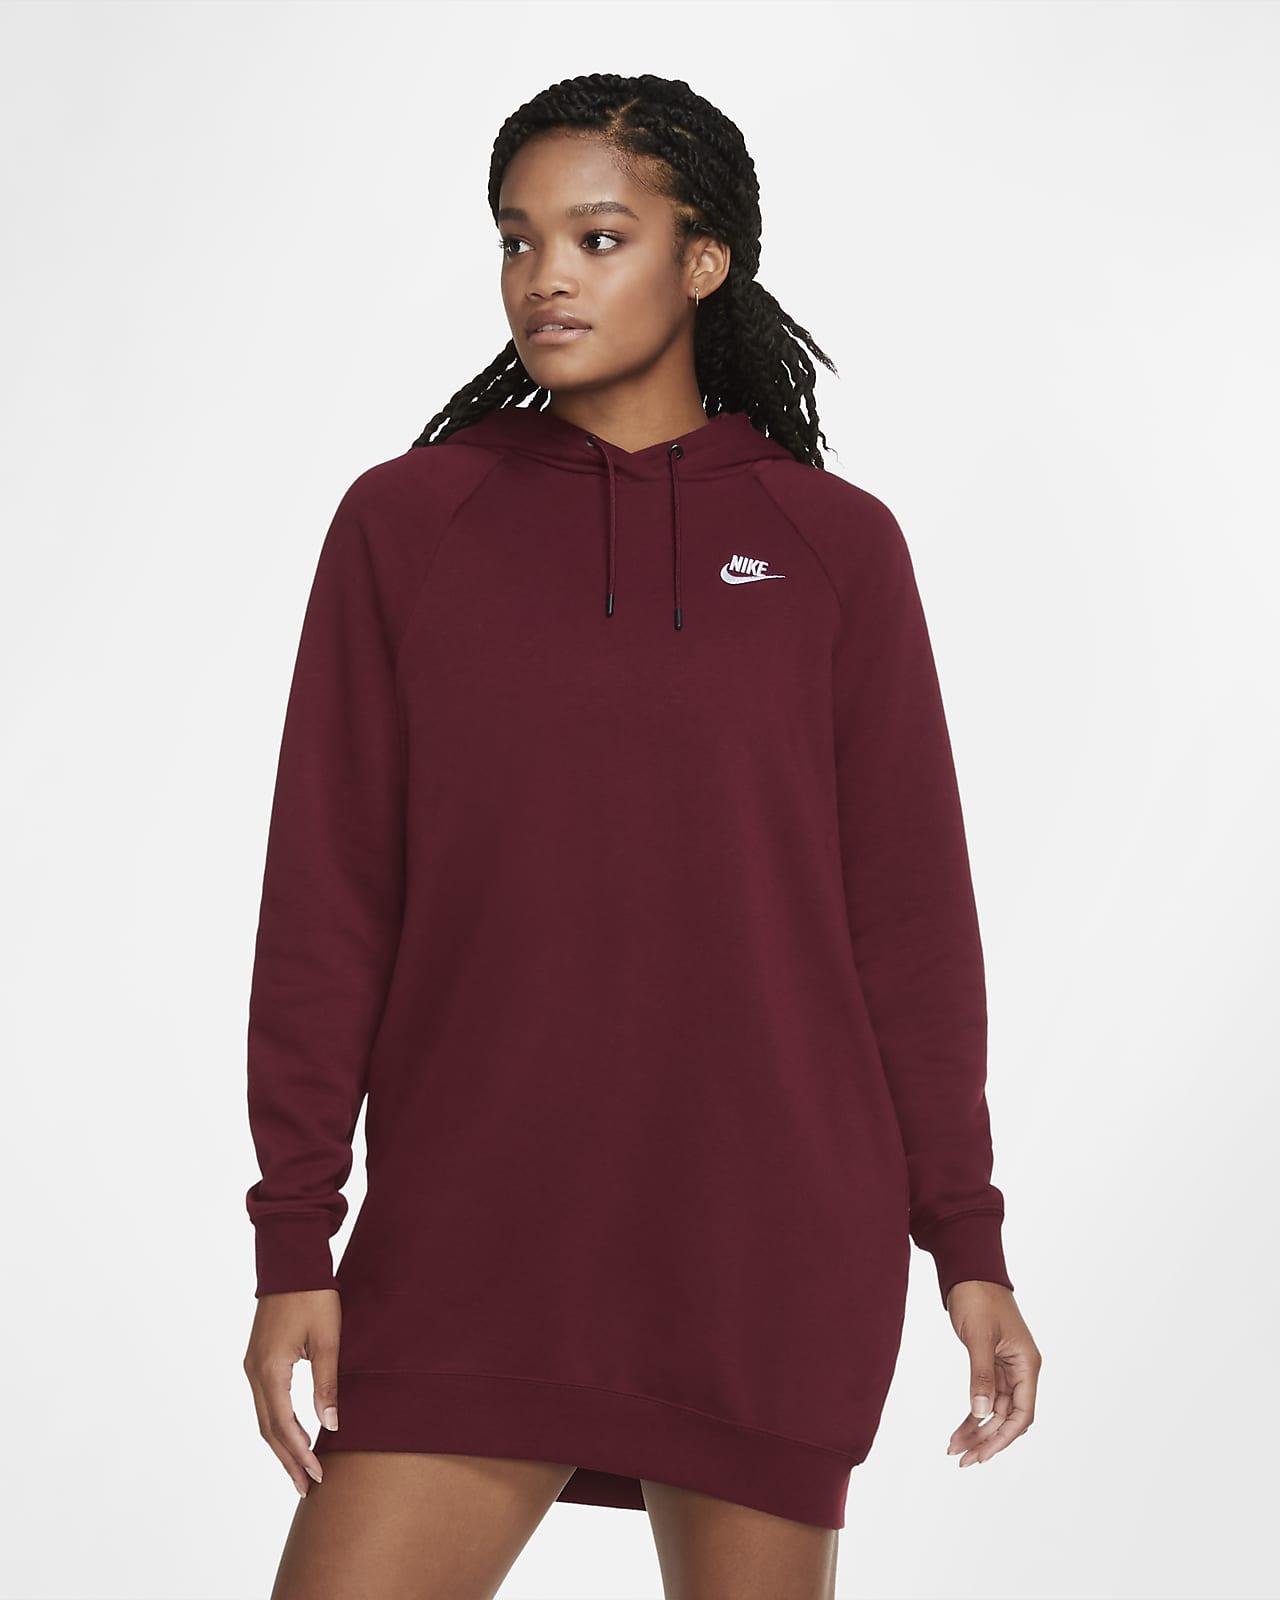 Robe en tissu Fleece Nike Sportswear Essential pour Femme